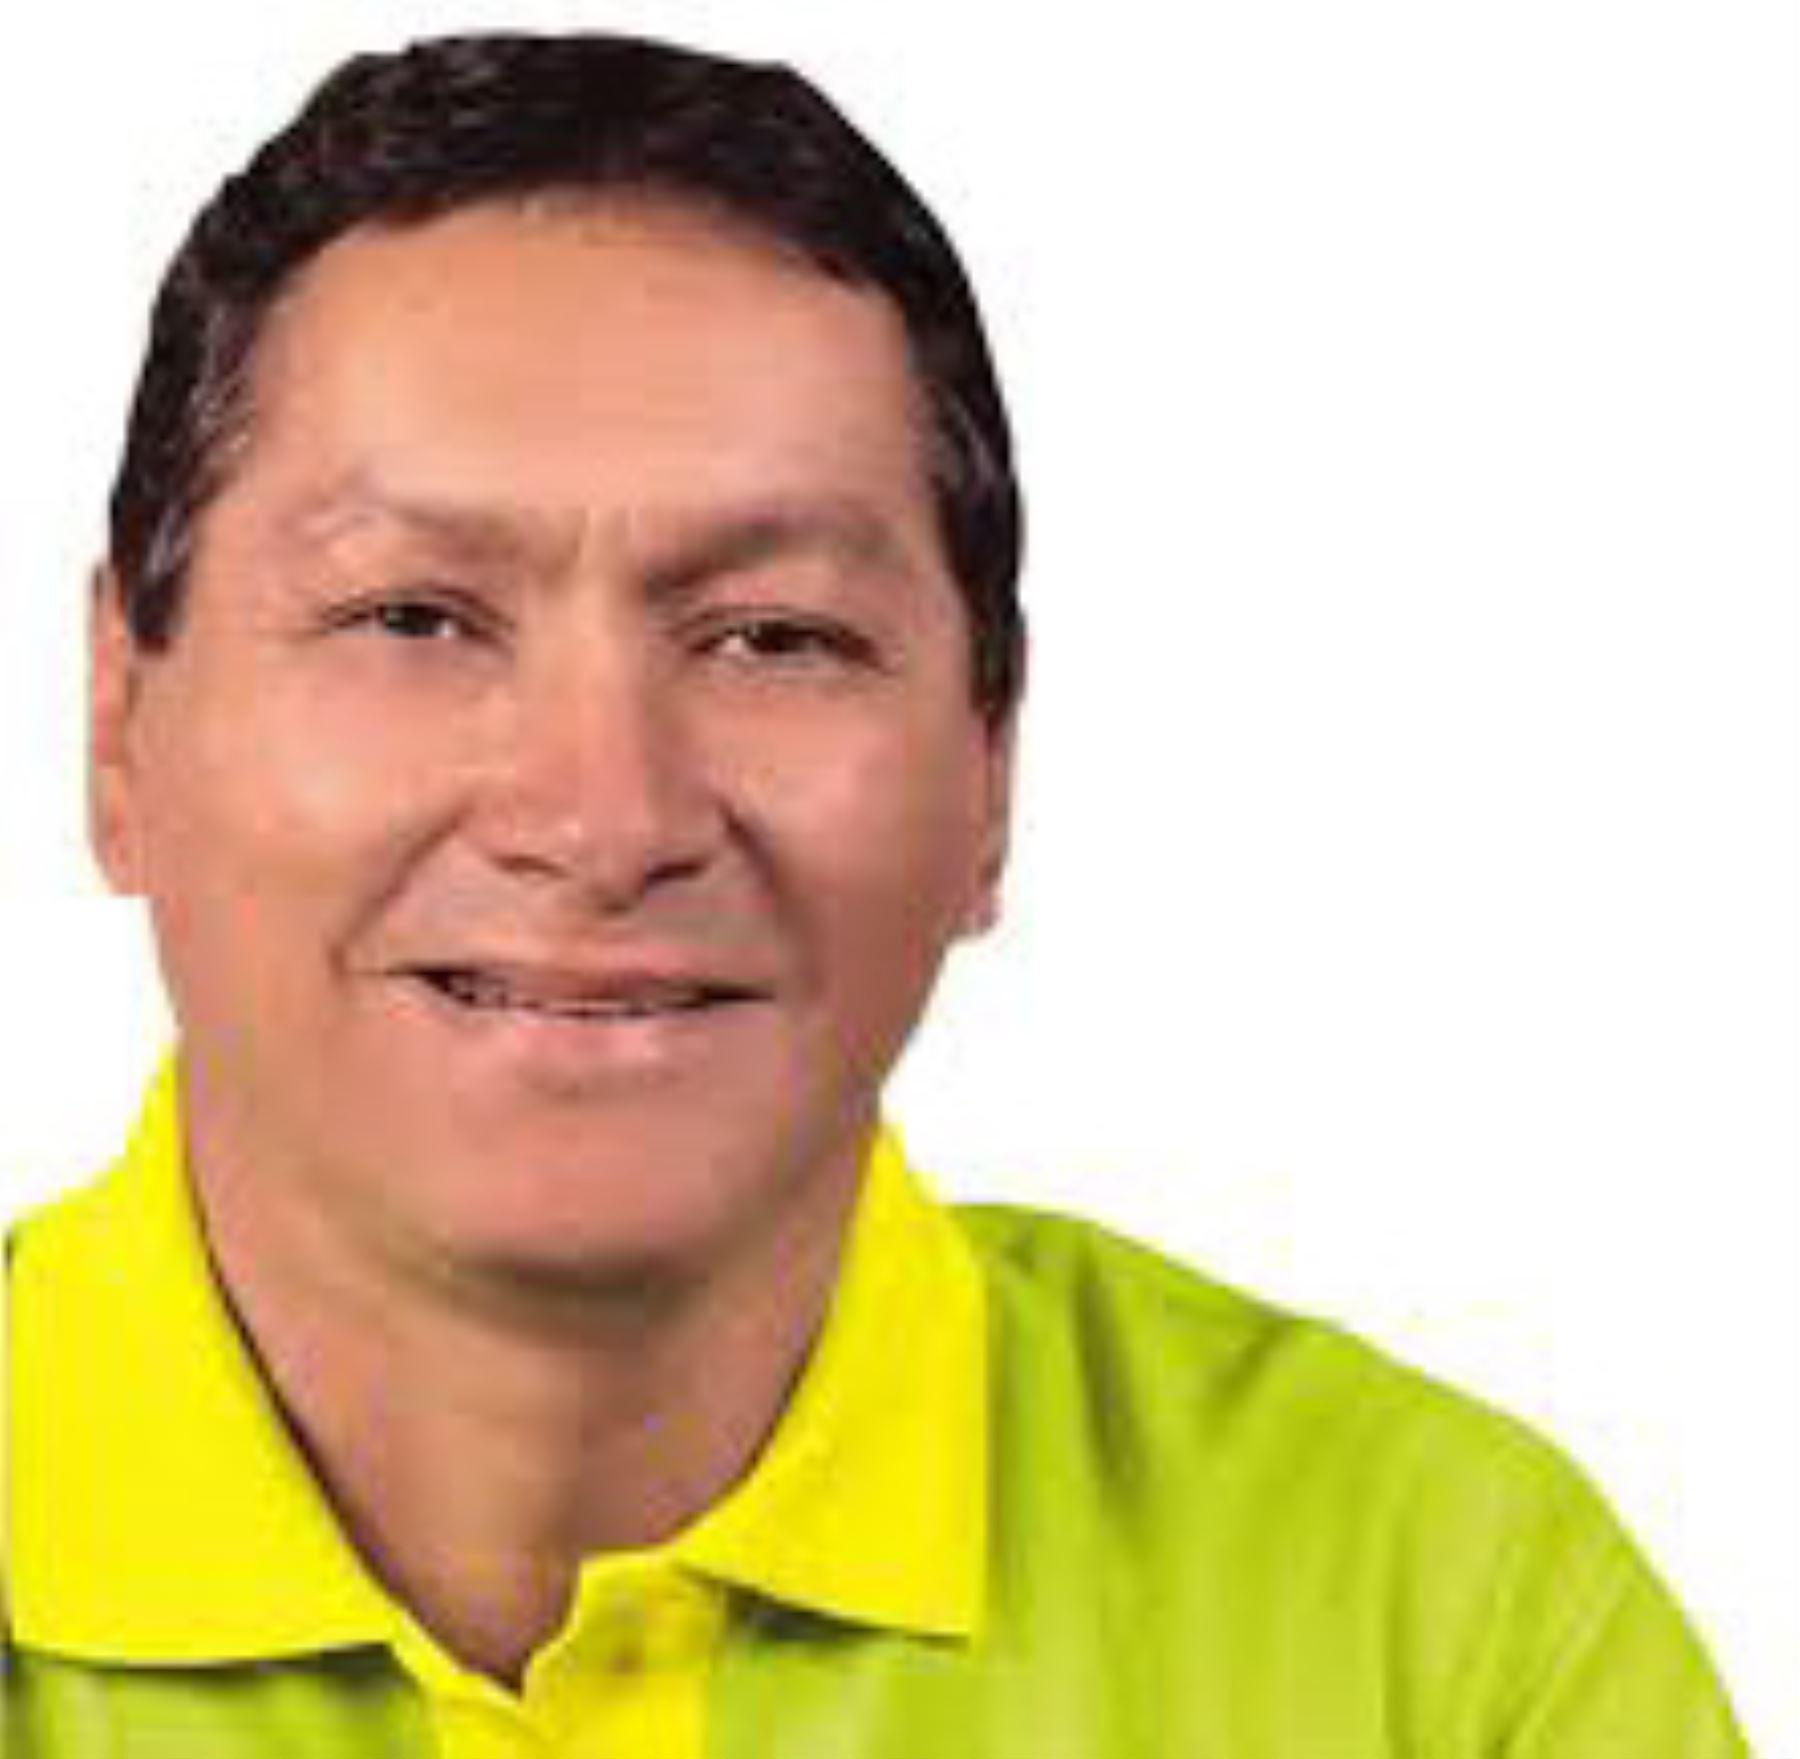 """El candidato Elisbán Ochoa (Restauración Nacional) sería el flamante gobernador regional de Loreto, al haber logrado el 36.4% de los votos en las Elecciones Regionales y Municipales 2018 realizadas hoy, según la encuesta """"a boca de urna"""" realizada por la empresa encuestadora Ipsos."""